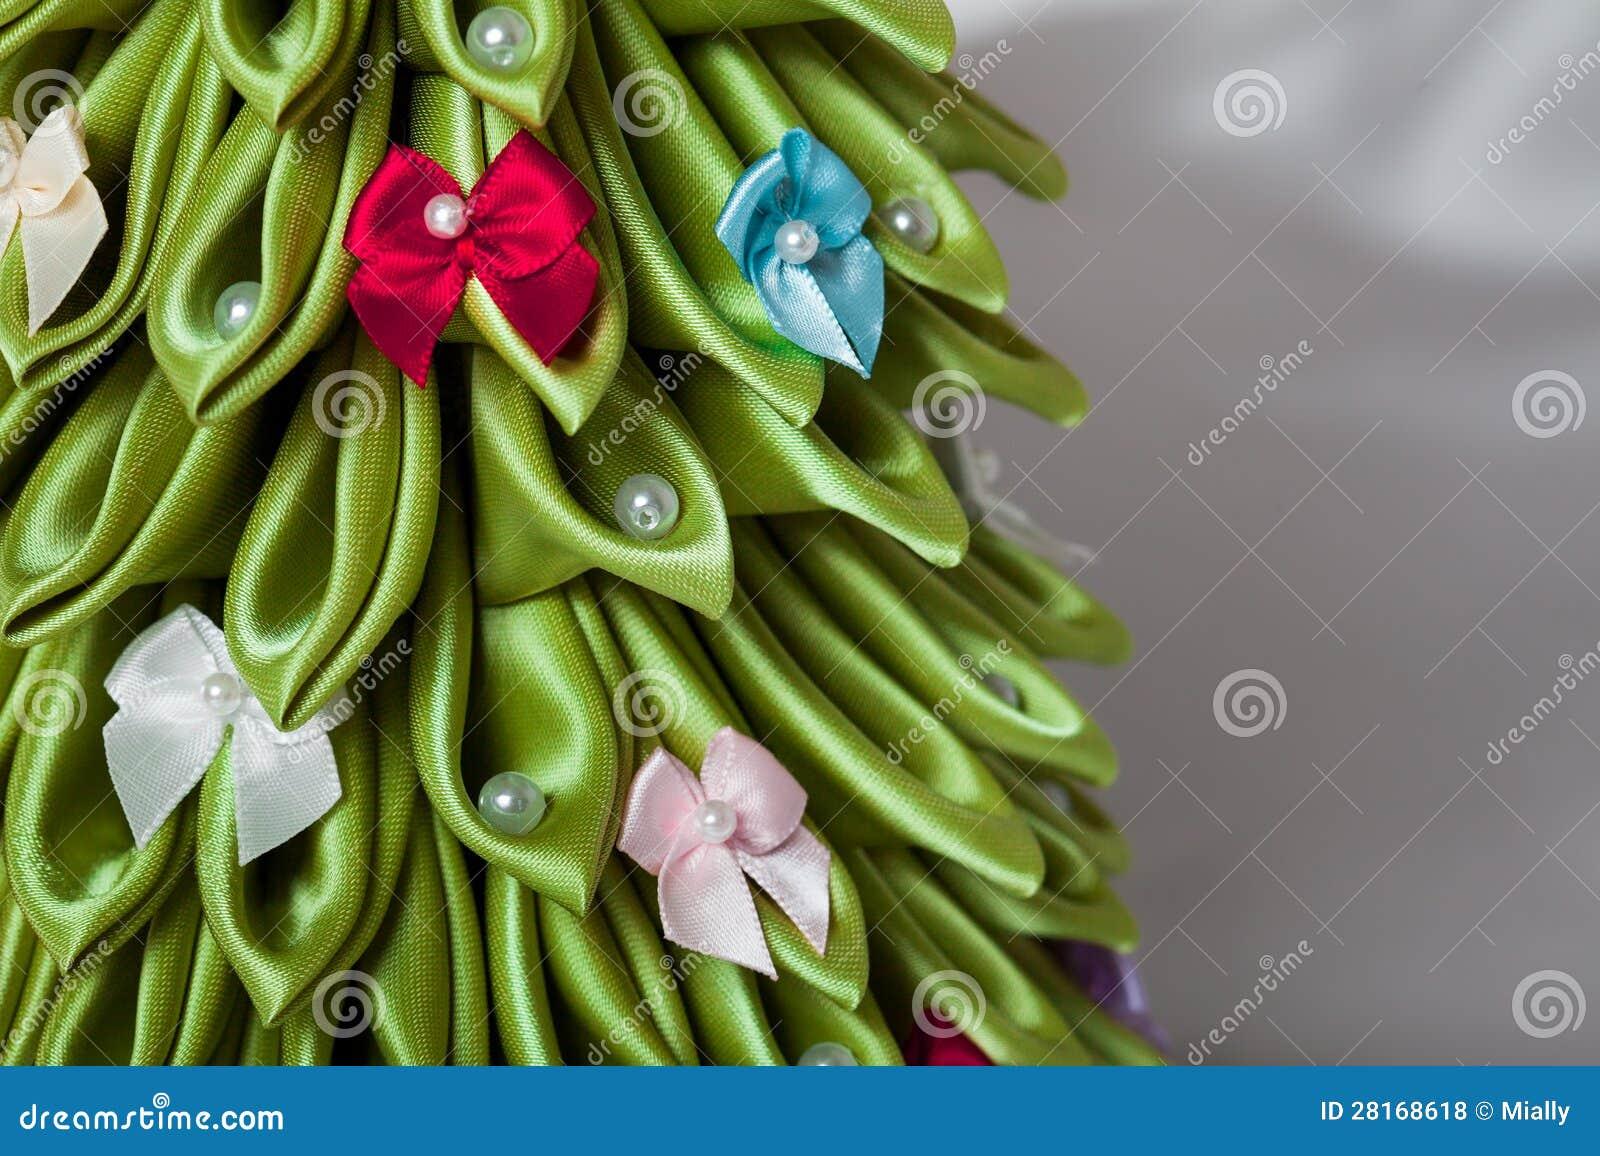 rbol de navidad hecho a mano de la tela fotos de archivo libres de regalas